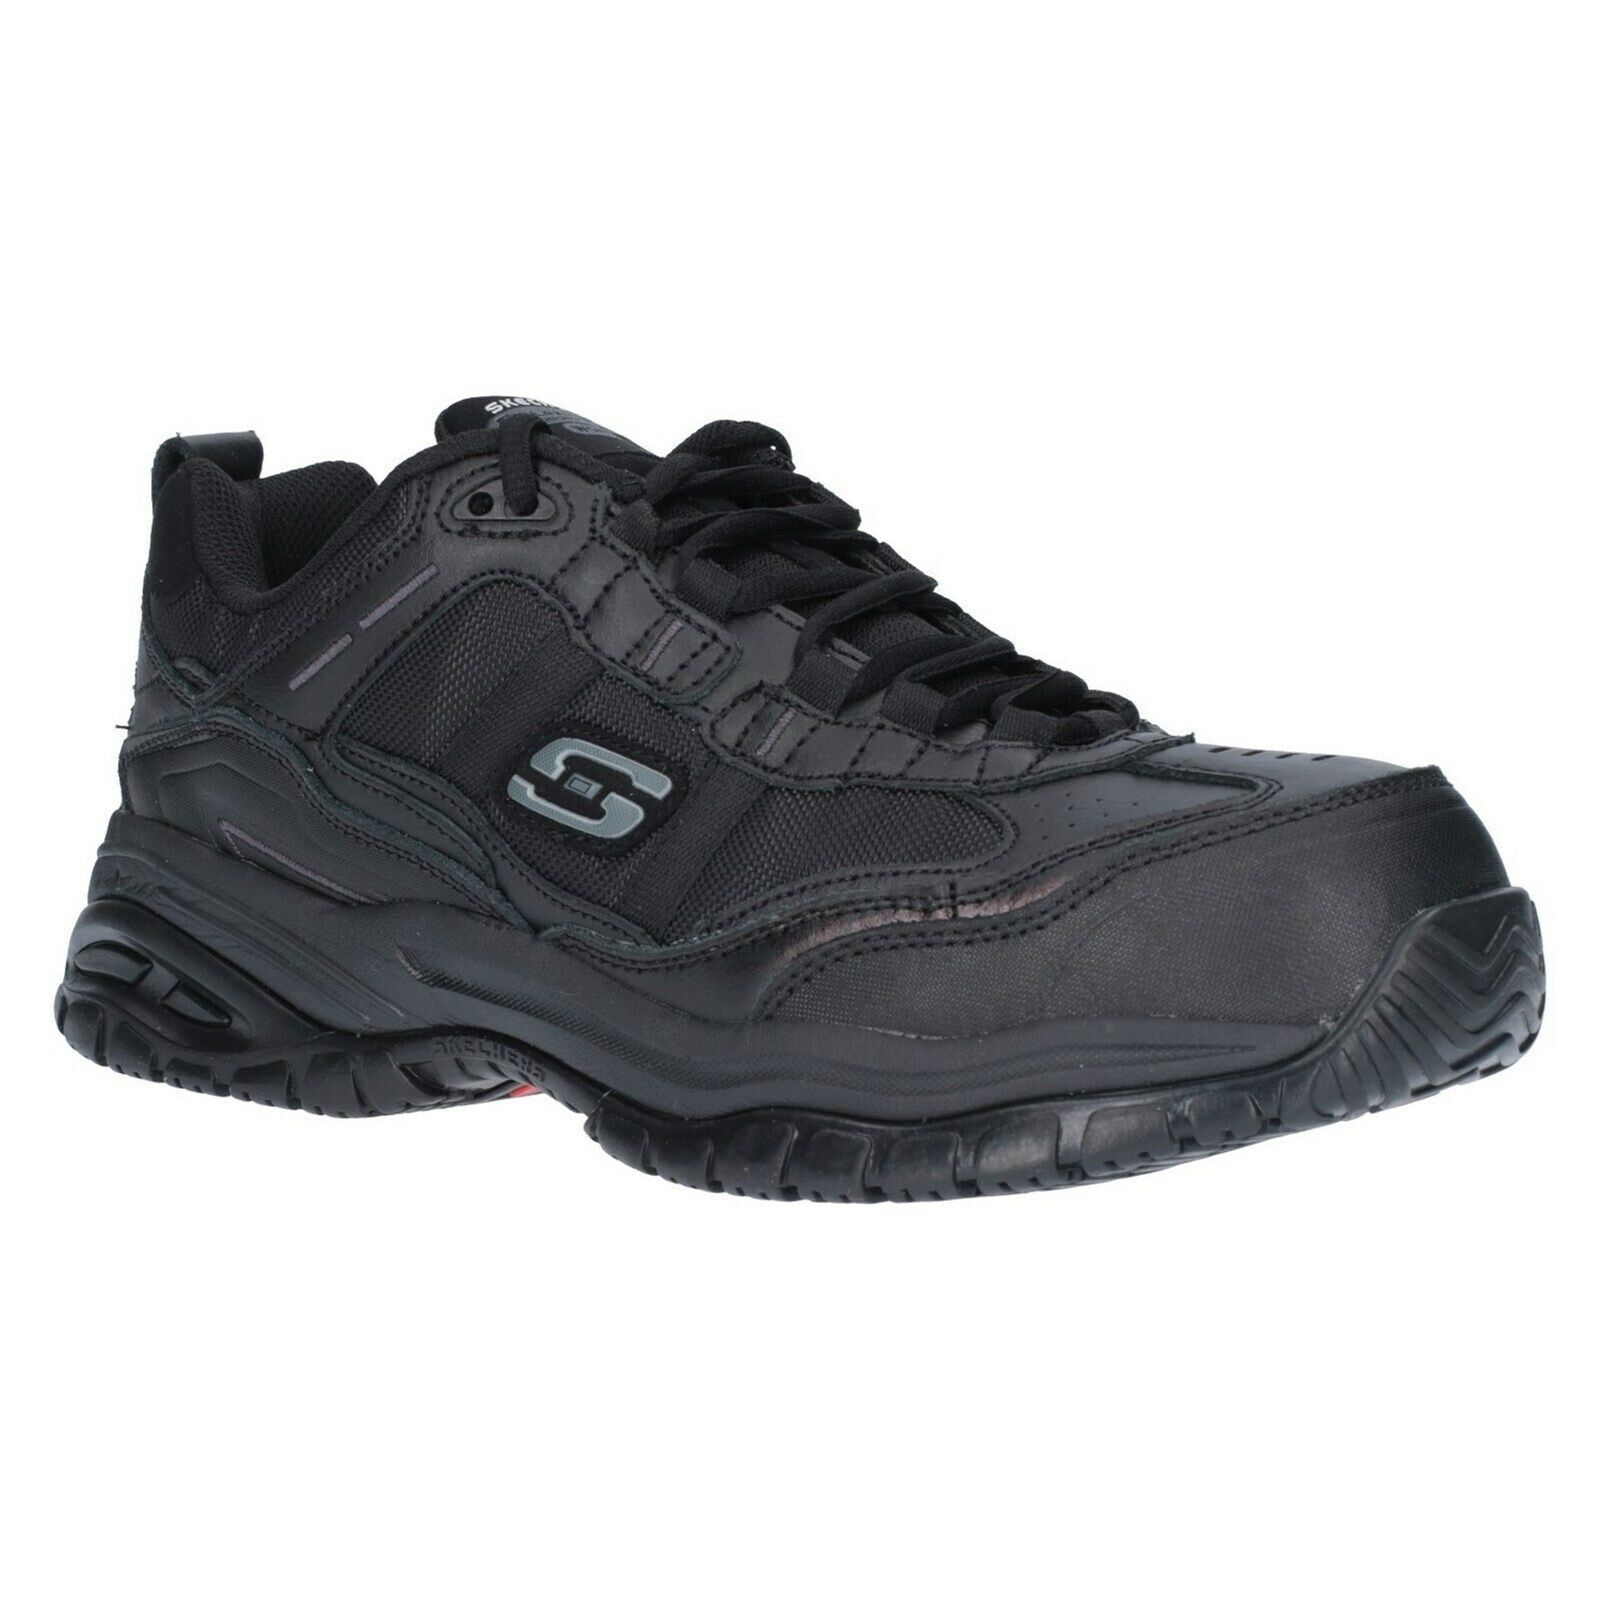 Skechers Soft Stride Chaussures de sécurité homme composite Toe en mousse à mémoire de Travail paniers